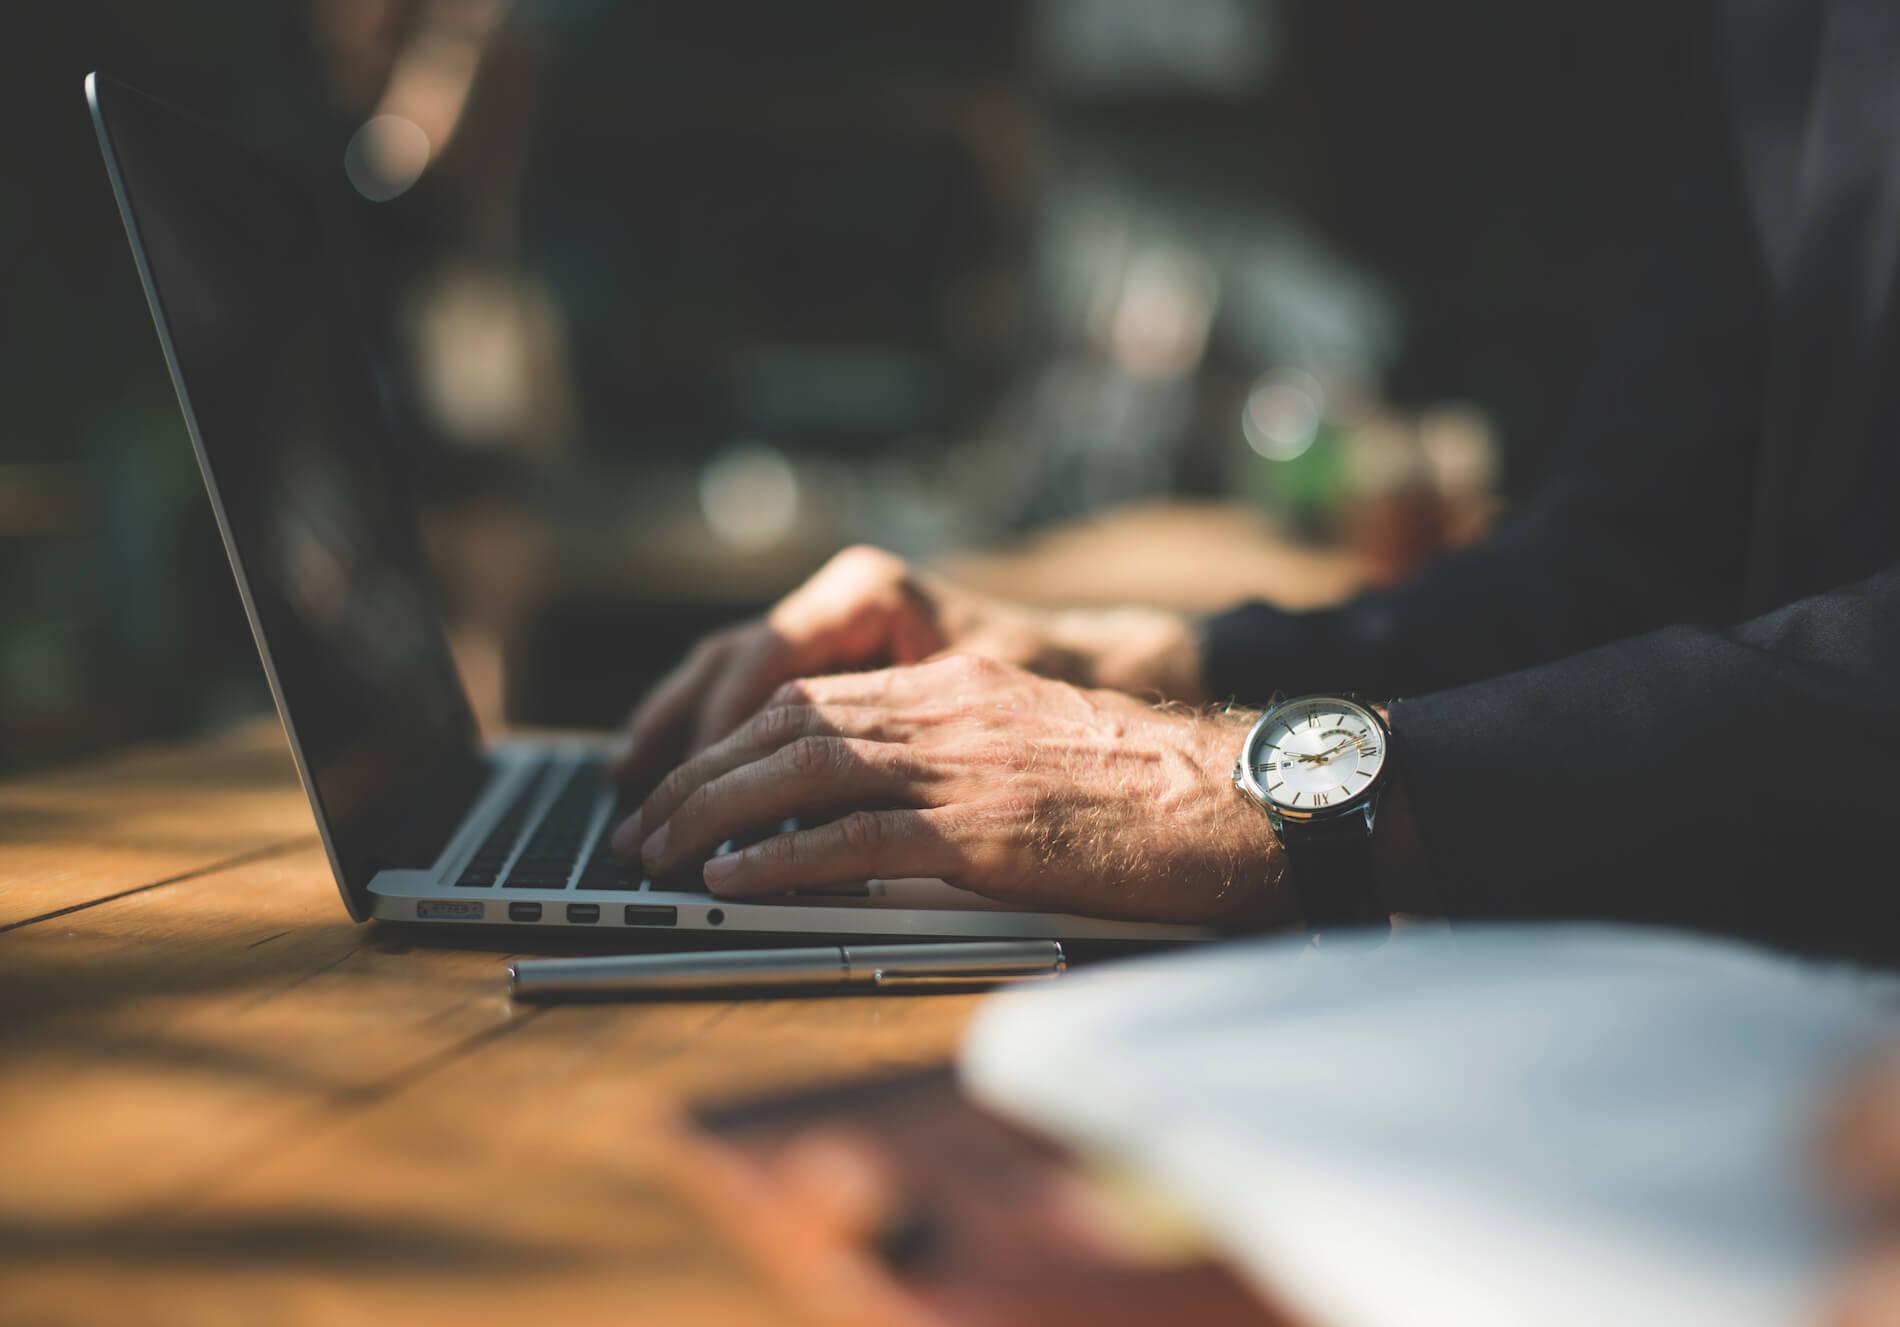 Newsletter abonnieren - Informationssicherheit - DSGVO - GDPR